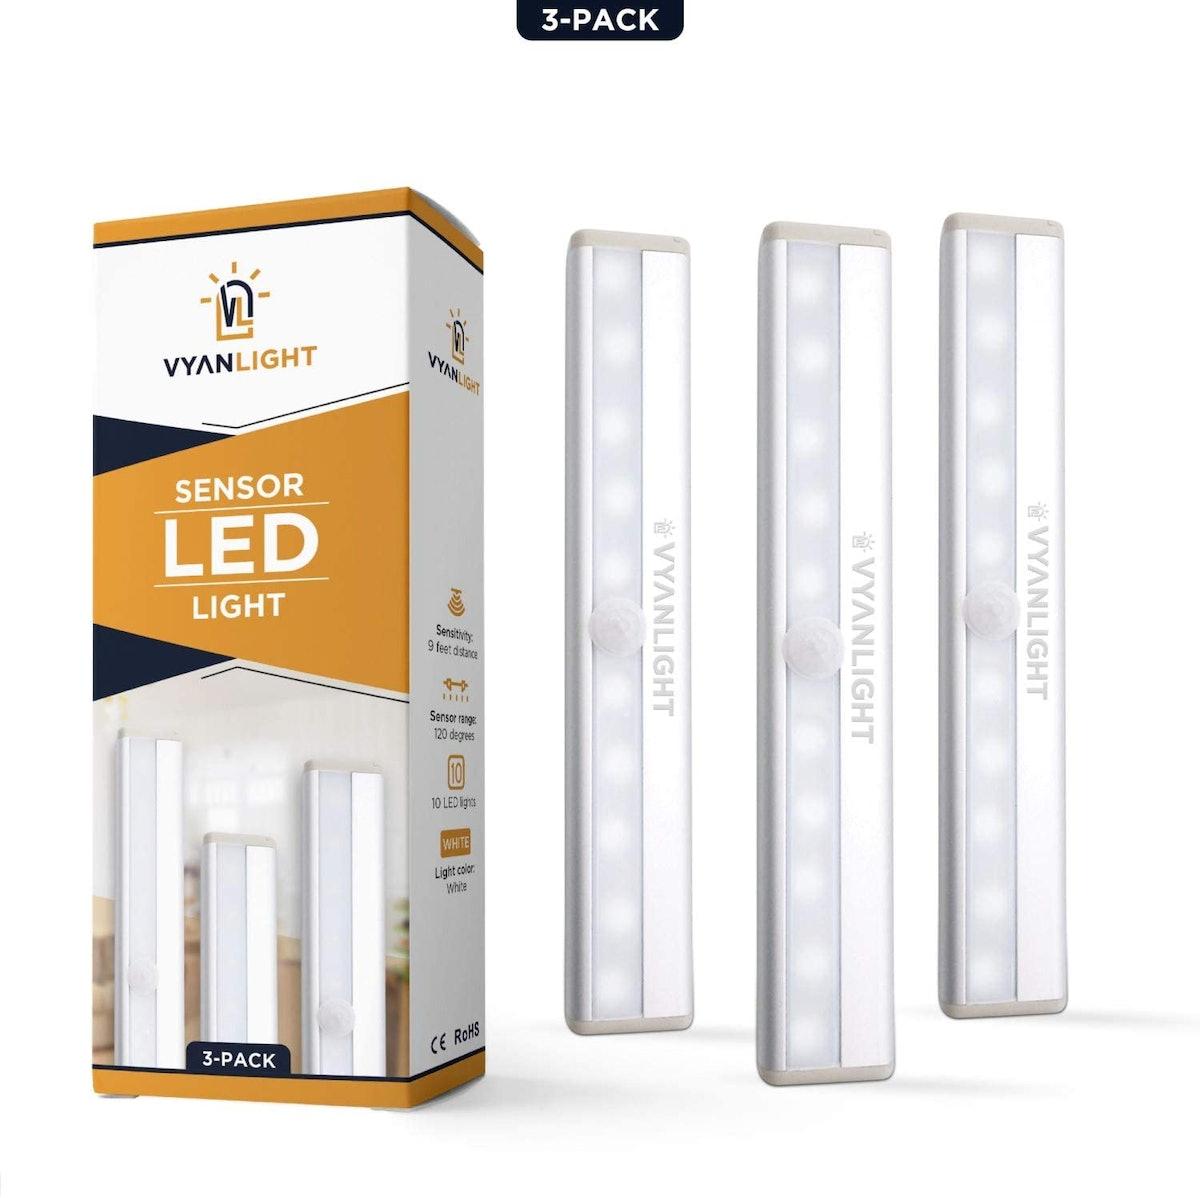 VYANLIGHT LED Light Bar (3-Pack)